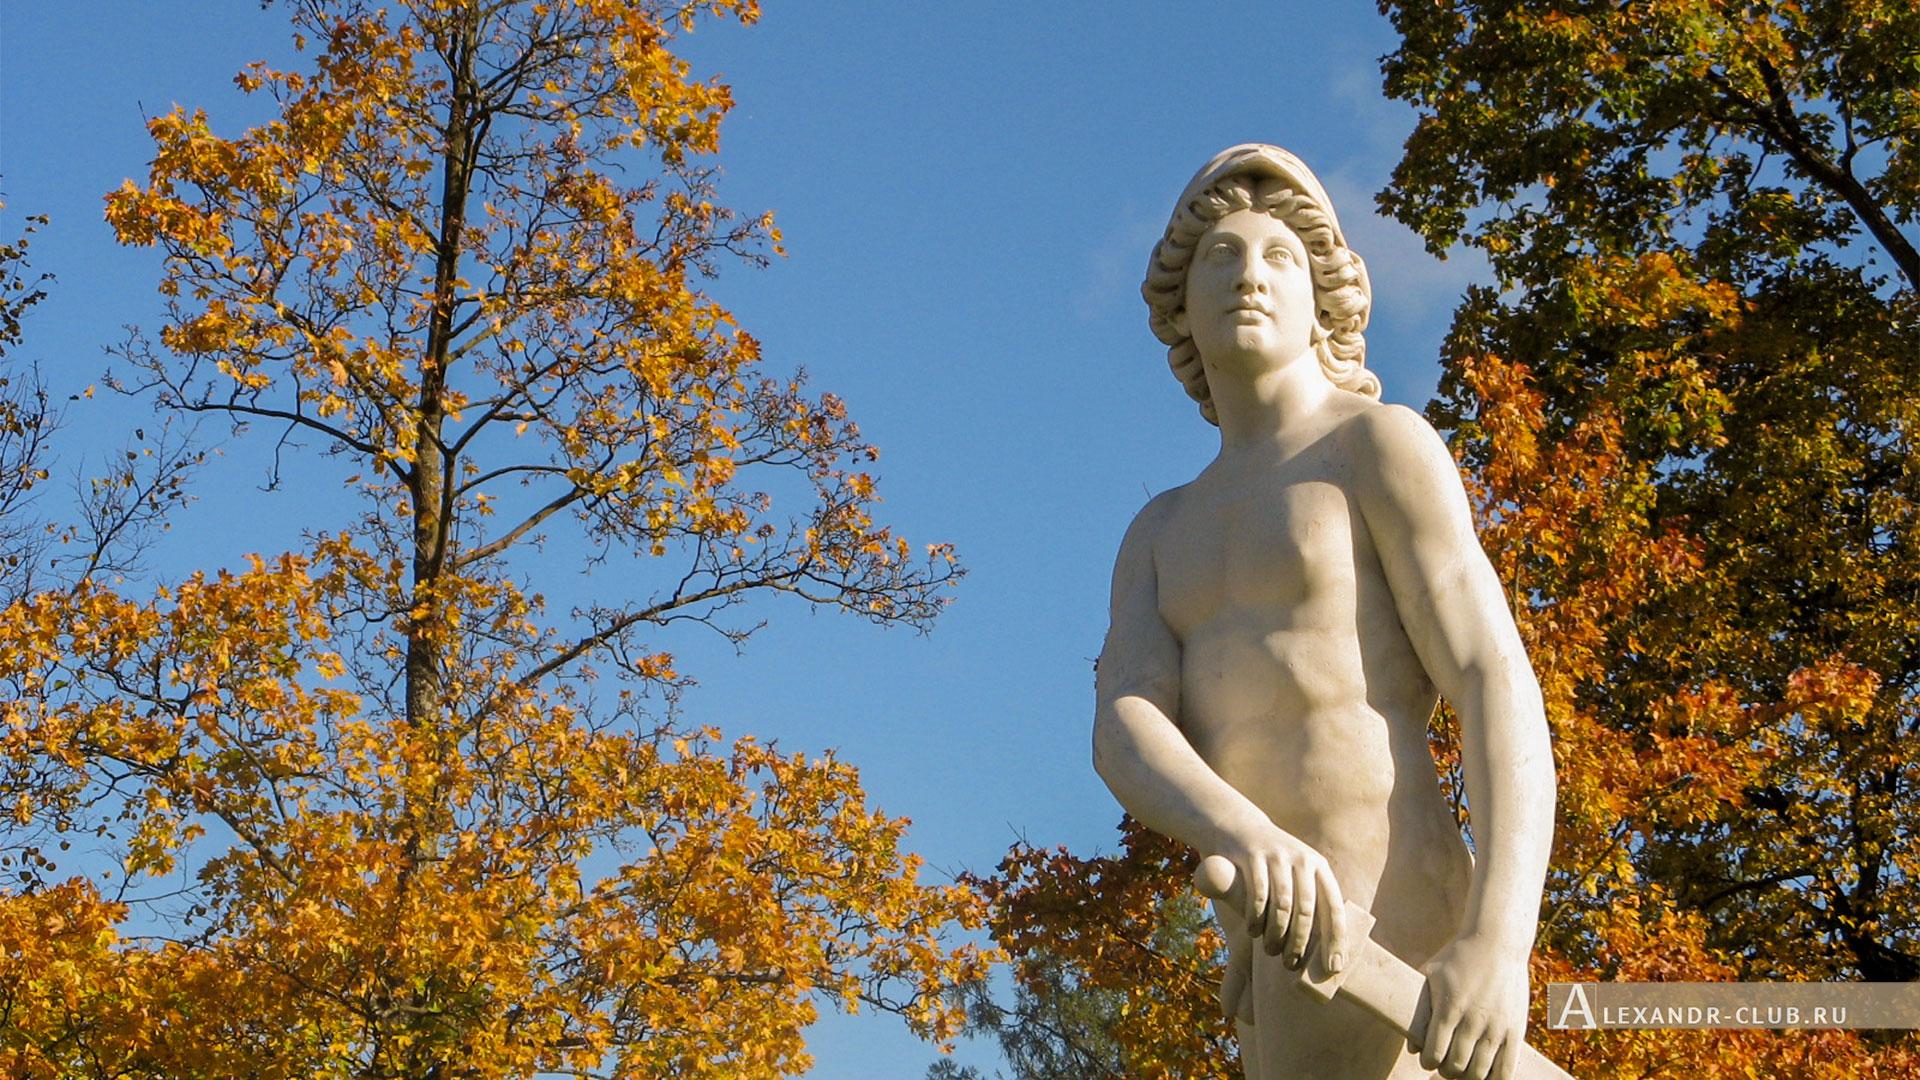 Гатчина, Гатчинский парк, осень, Нижний Голландский сад, статуя «Марс»